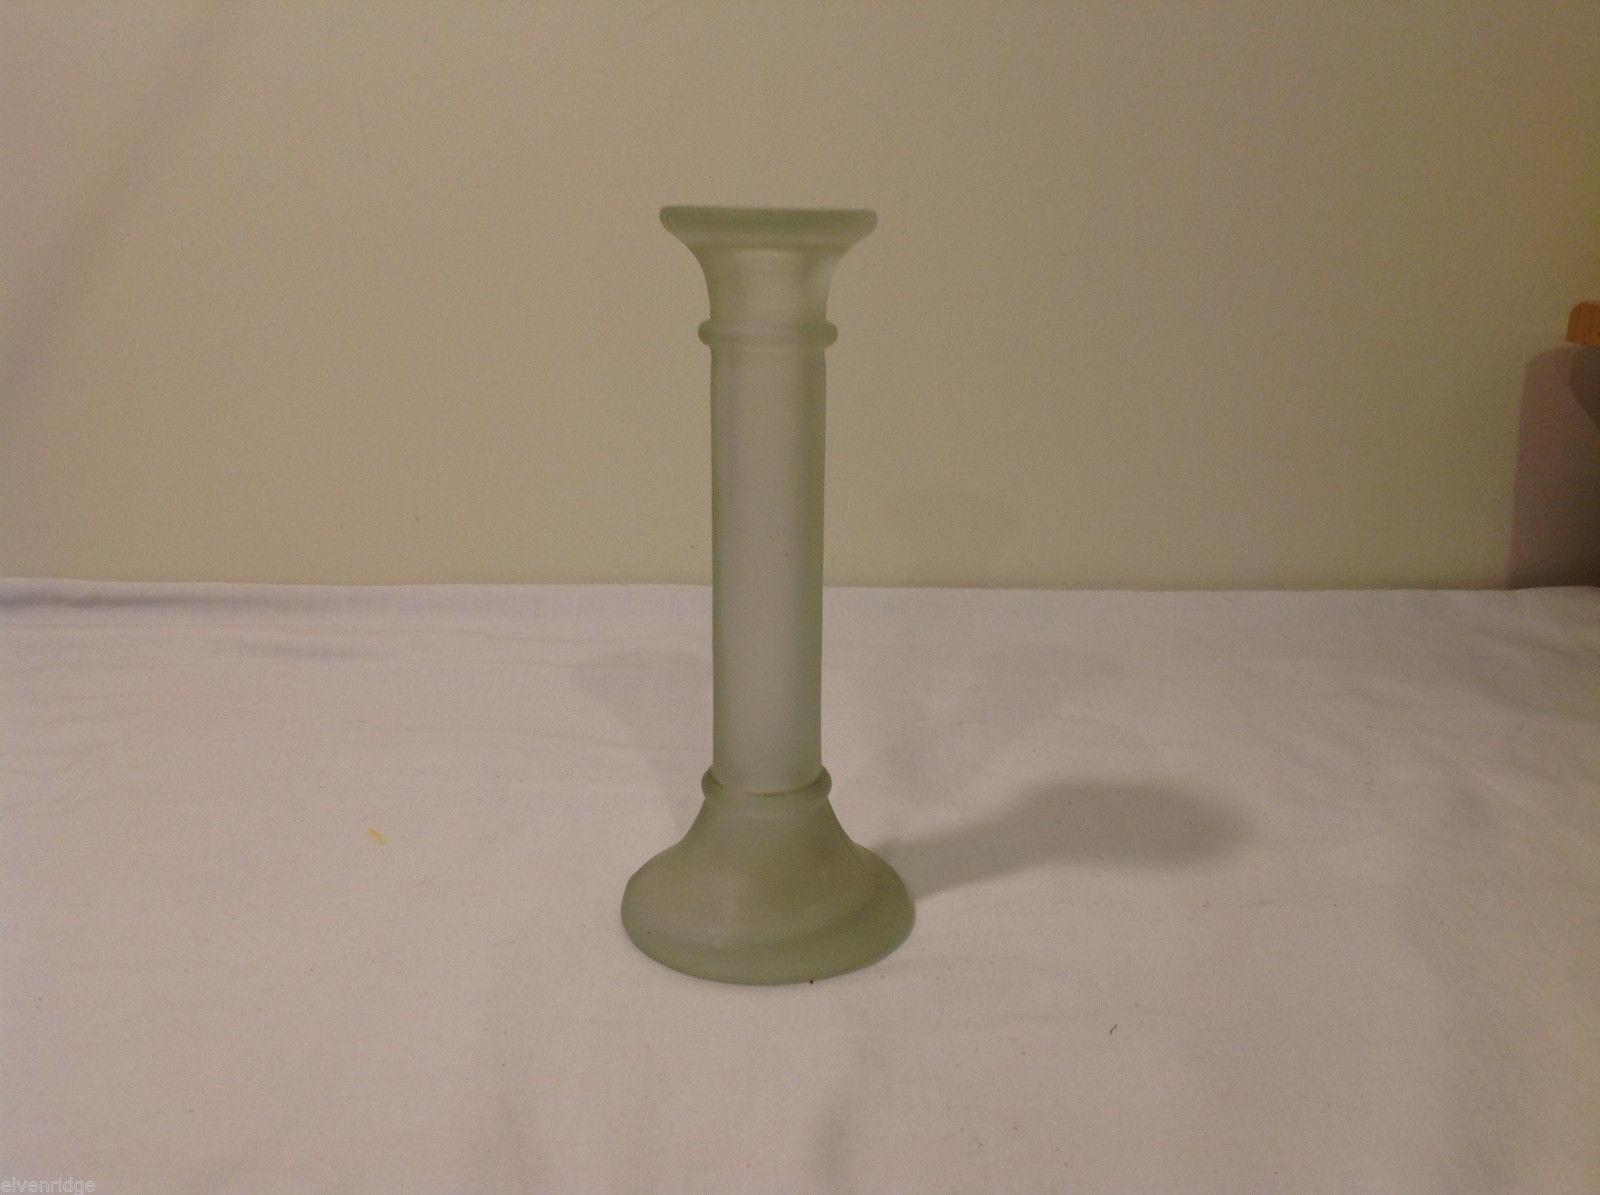 Opaque Glass Tall Candlestick Holder